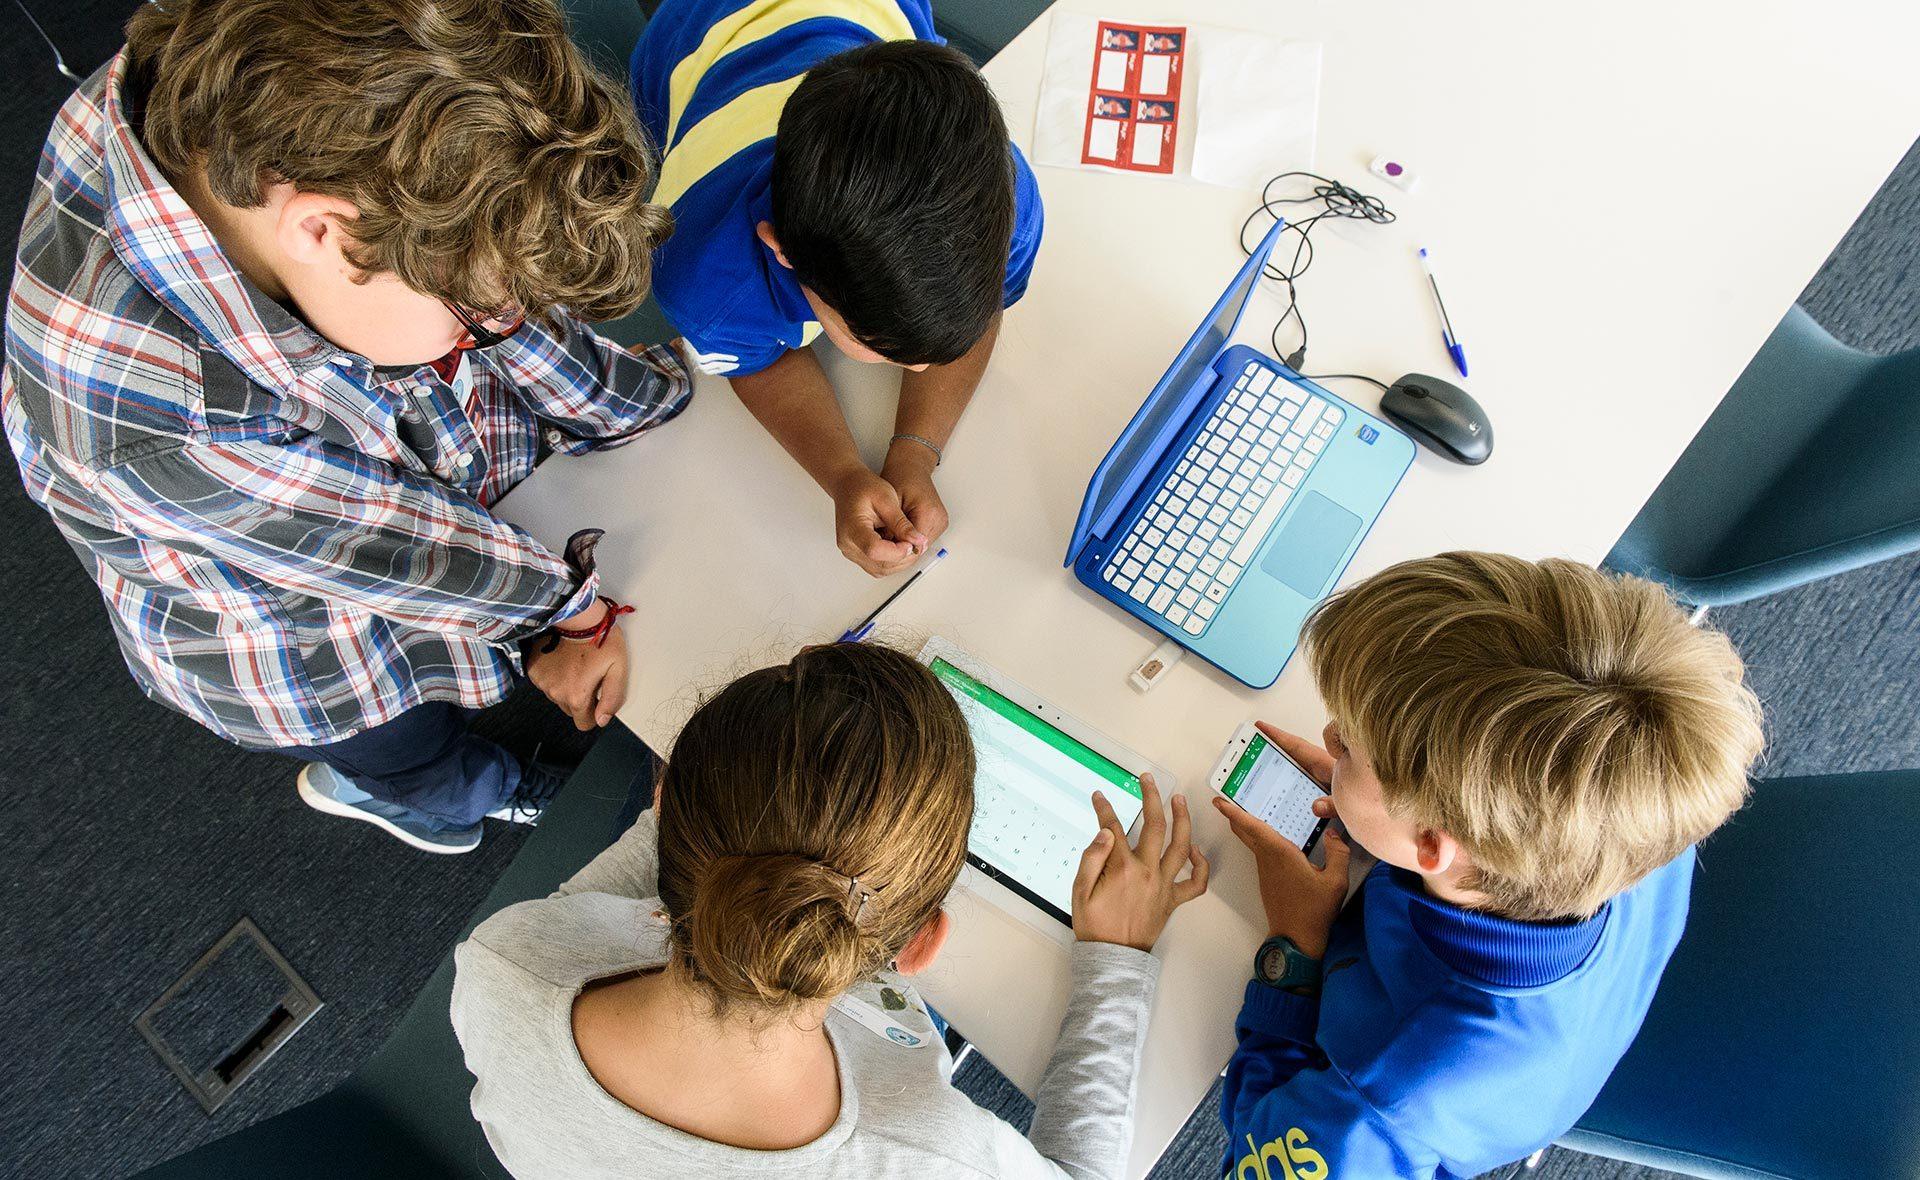 niños_tecnologia_ciberseguridad_aprender_recurso_bbva